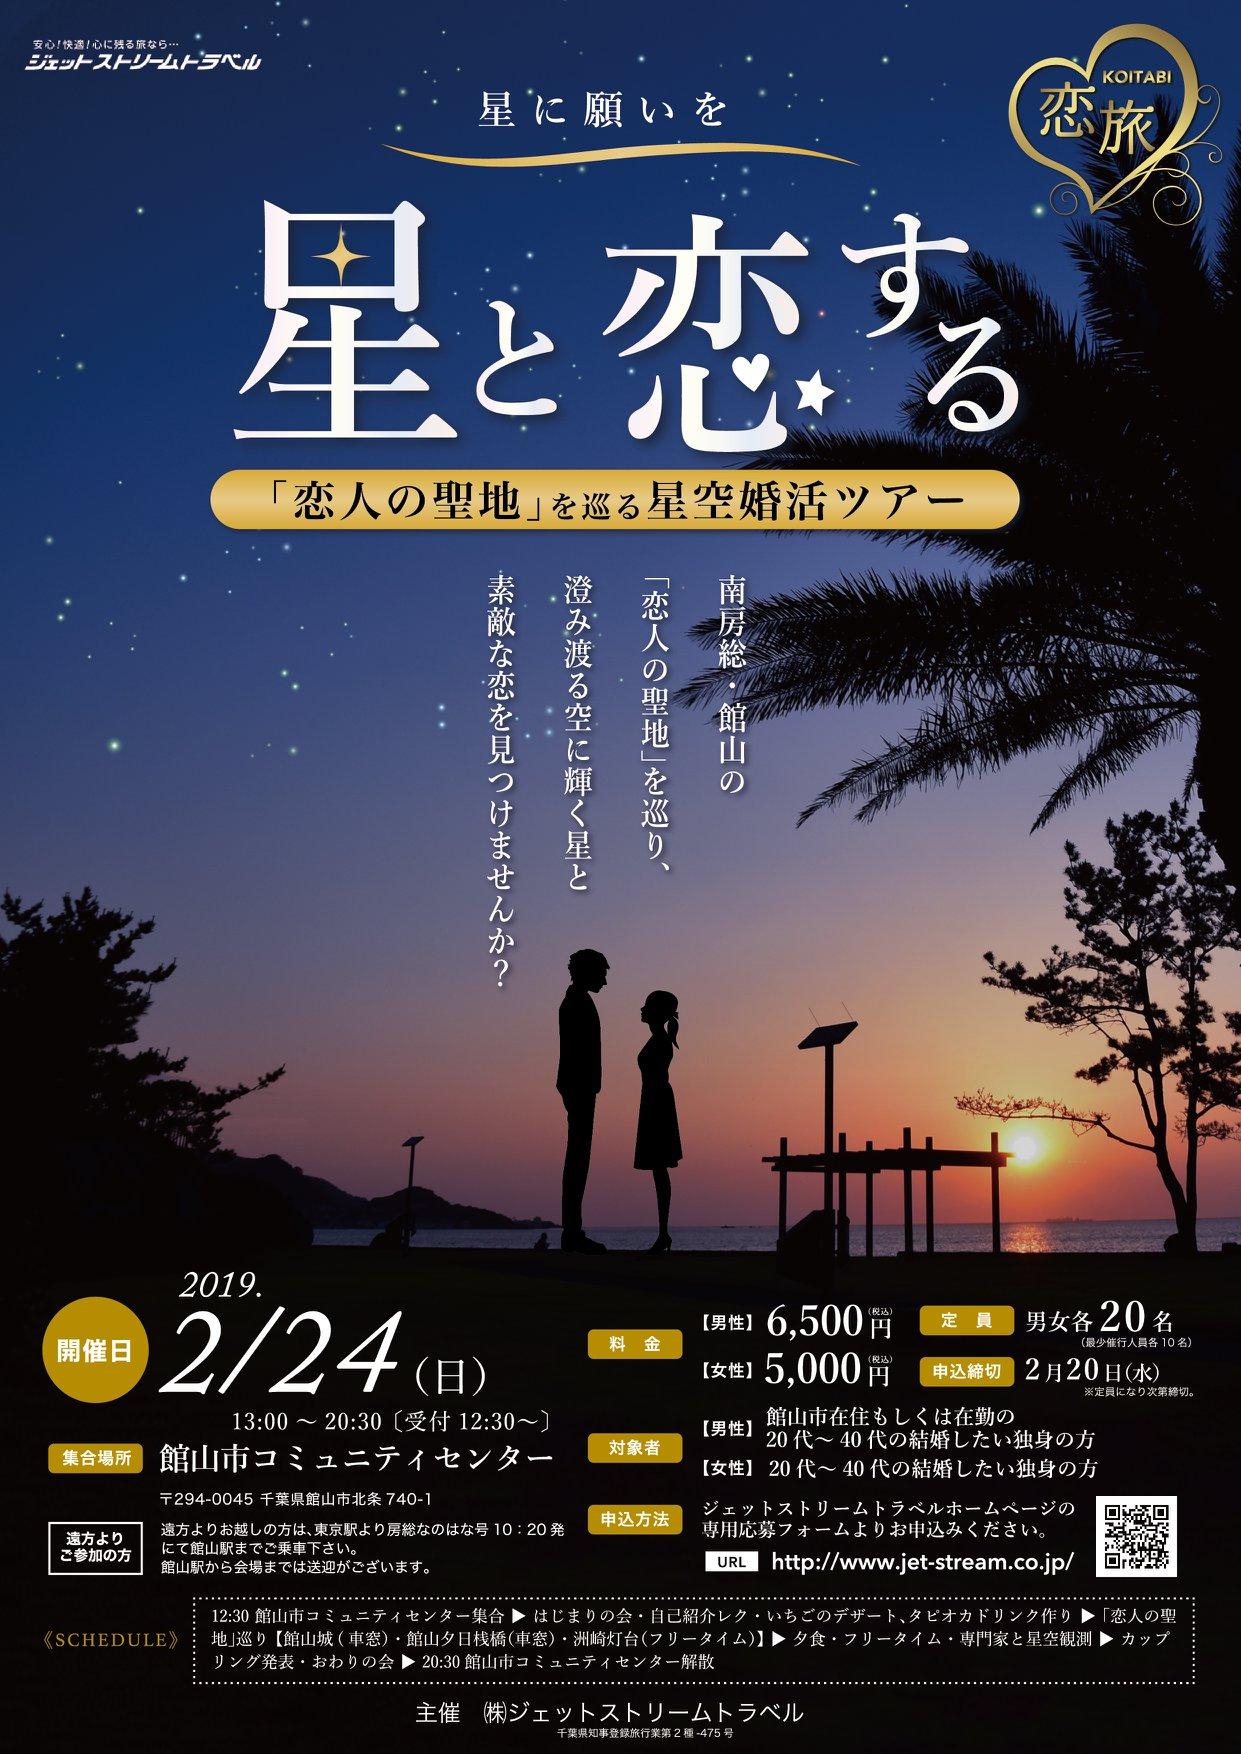 【婚活】星と恋する「恋人の聖地」を巡る星空婚活ツアー